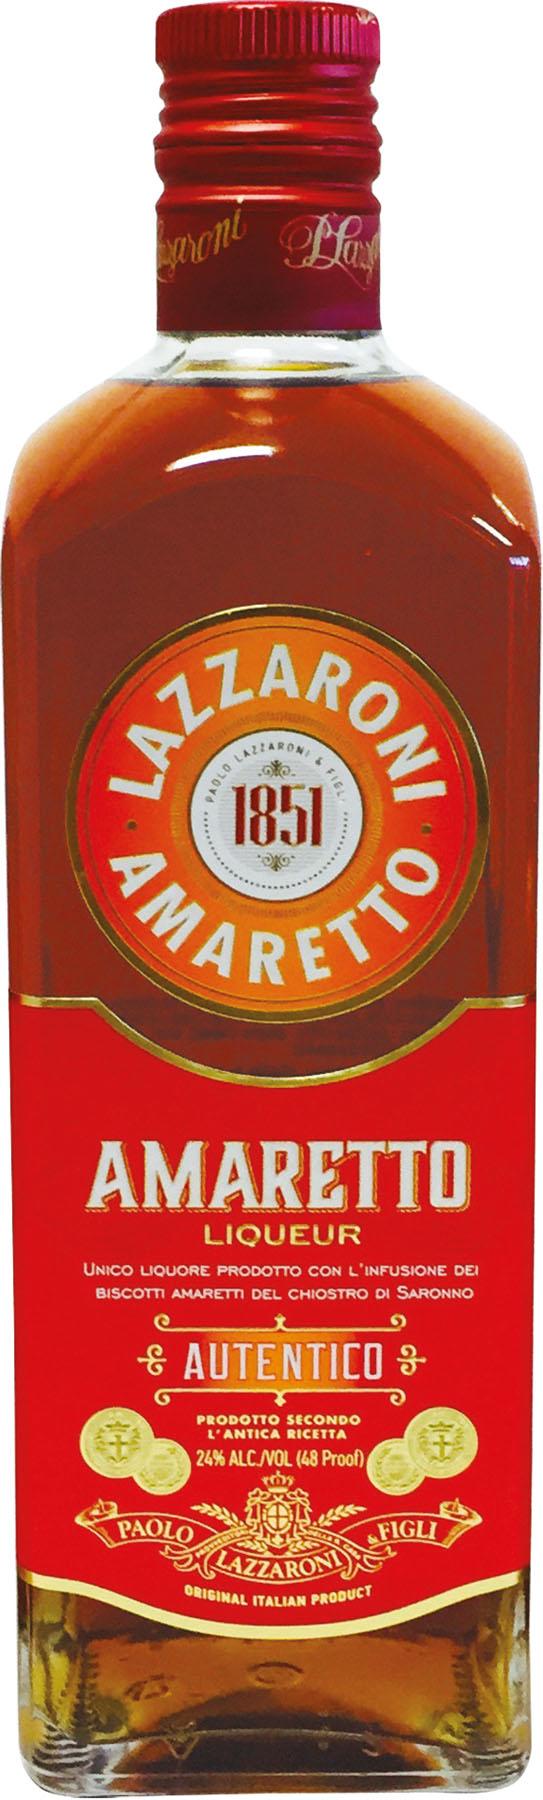 Amaretto Autentico Lazzaroni 70 cl 24°